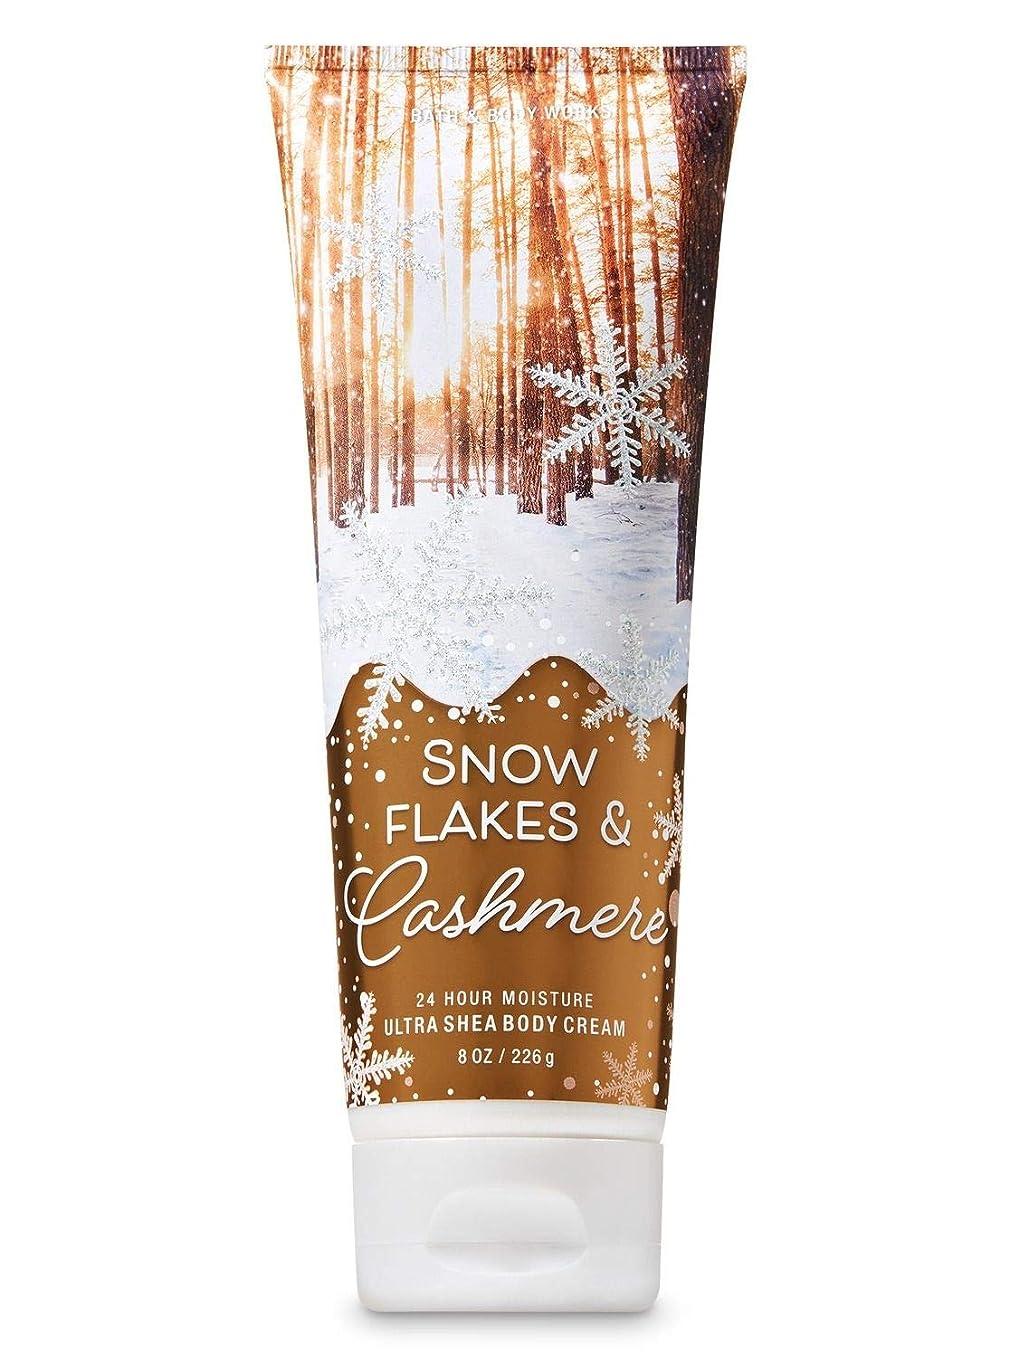 靄引き渡す半球【Bath&Body Works/バス&ボディワークス】 ボディクリーム スノーフレーク&カシミア Ultra Shea Body Cream Snowflakes & Cashmere 8 oz / 226 g [並行輸入品]